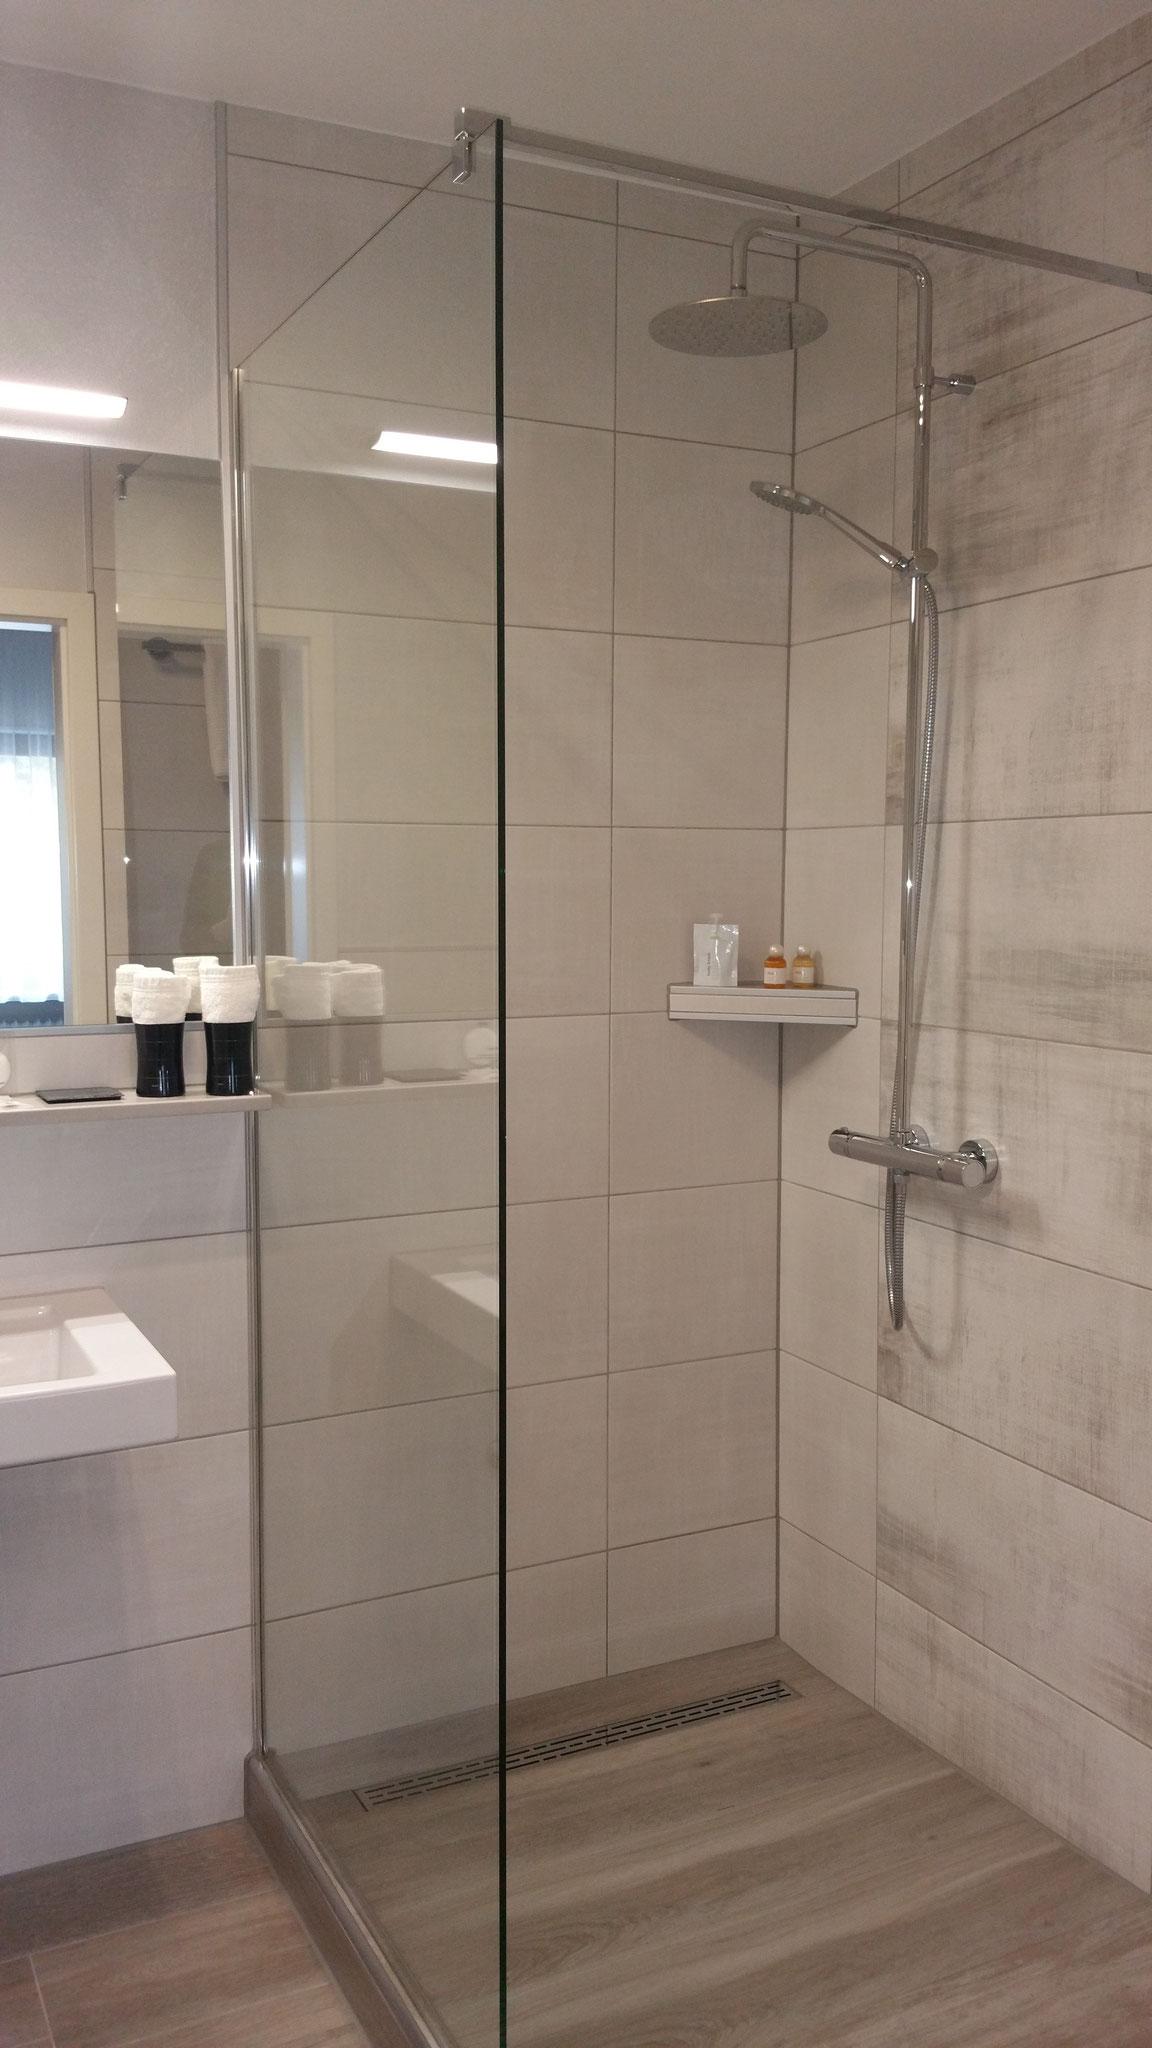 Bad Komfort Zimmer 2  mit Walk-in-Regendusche und Handbrause